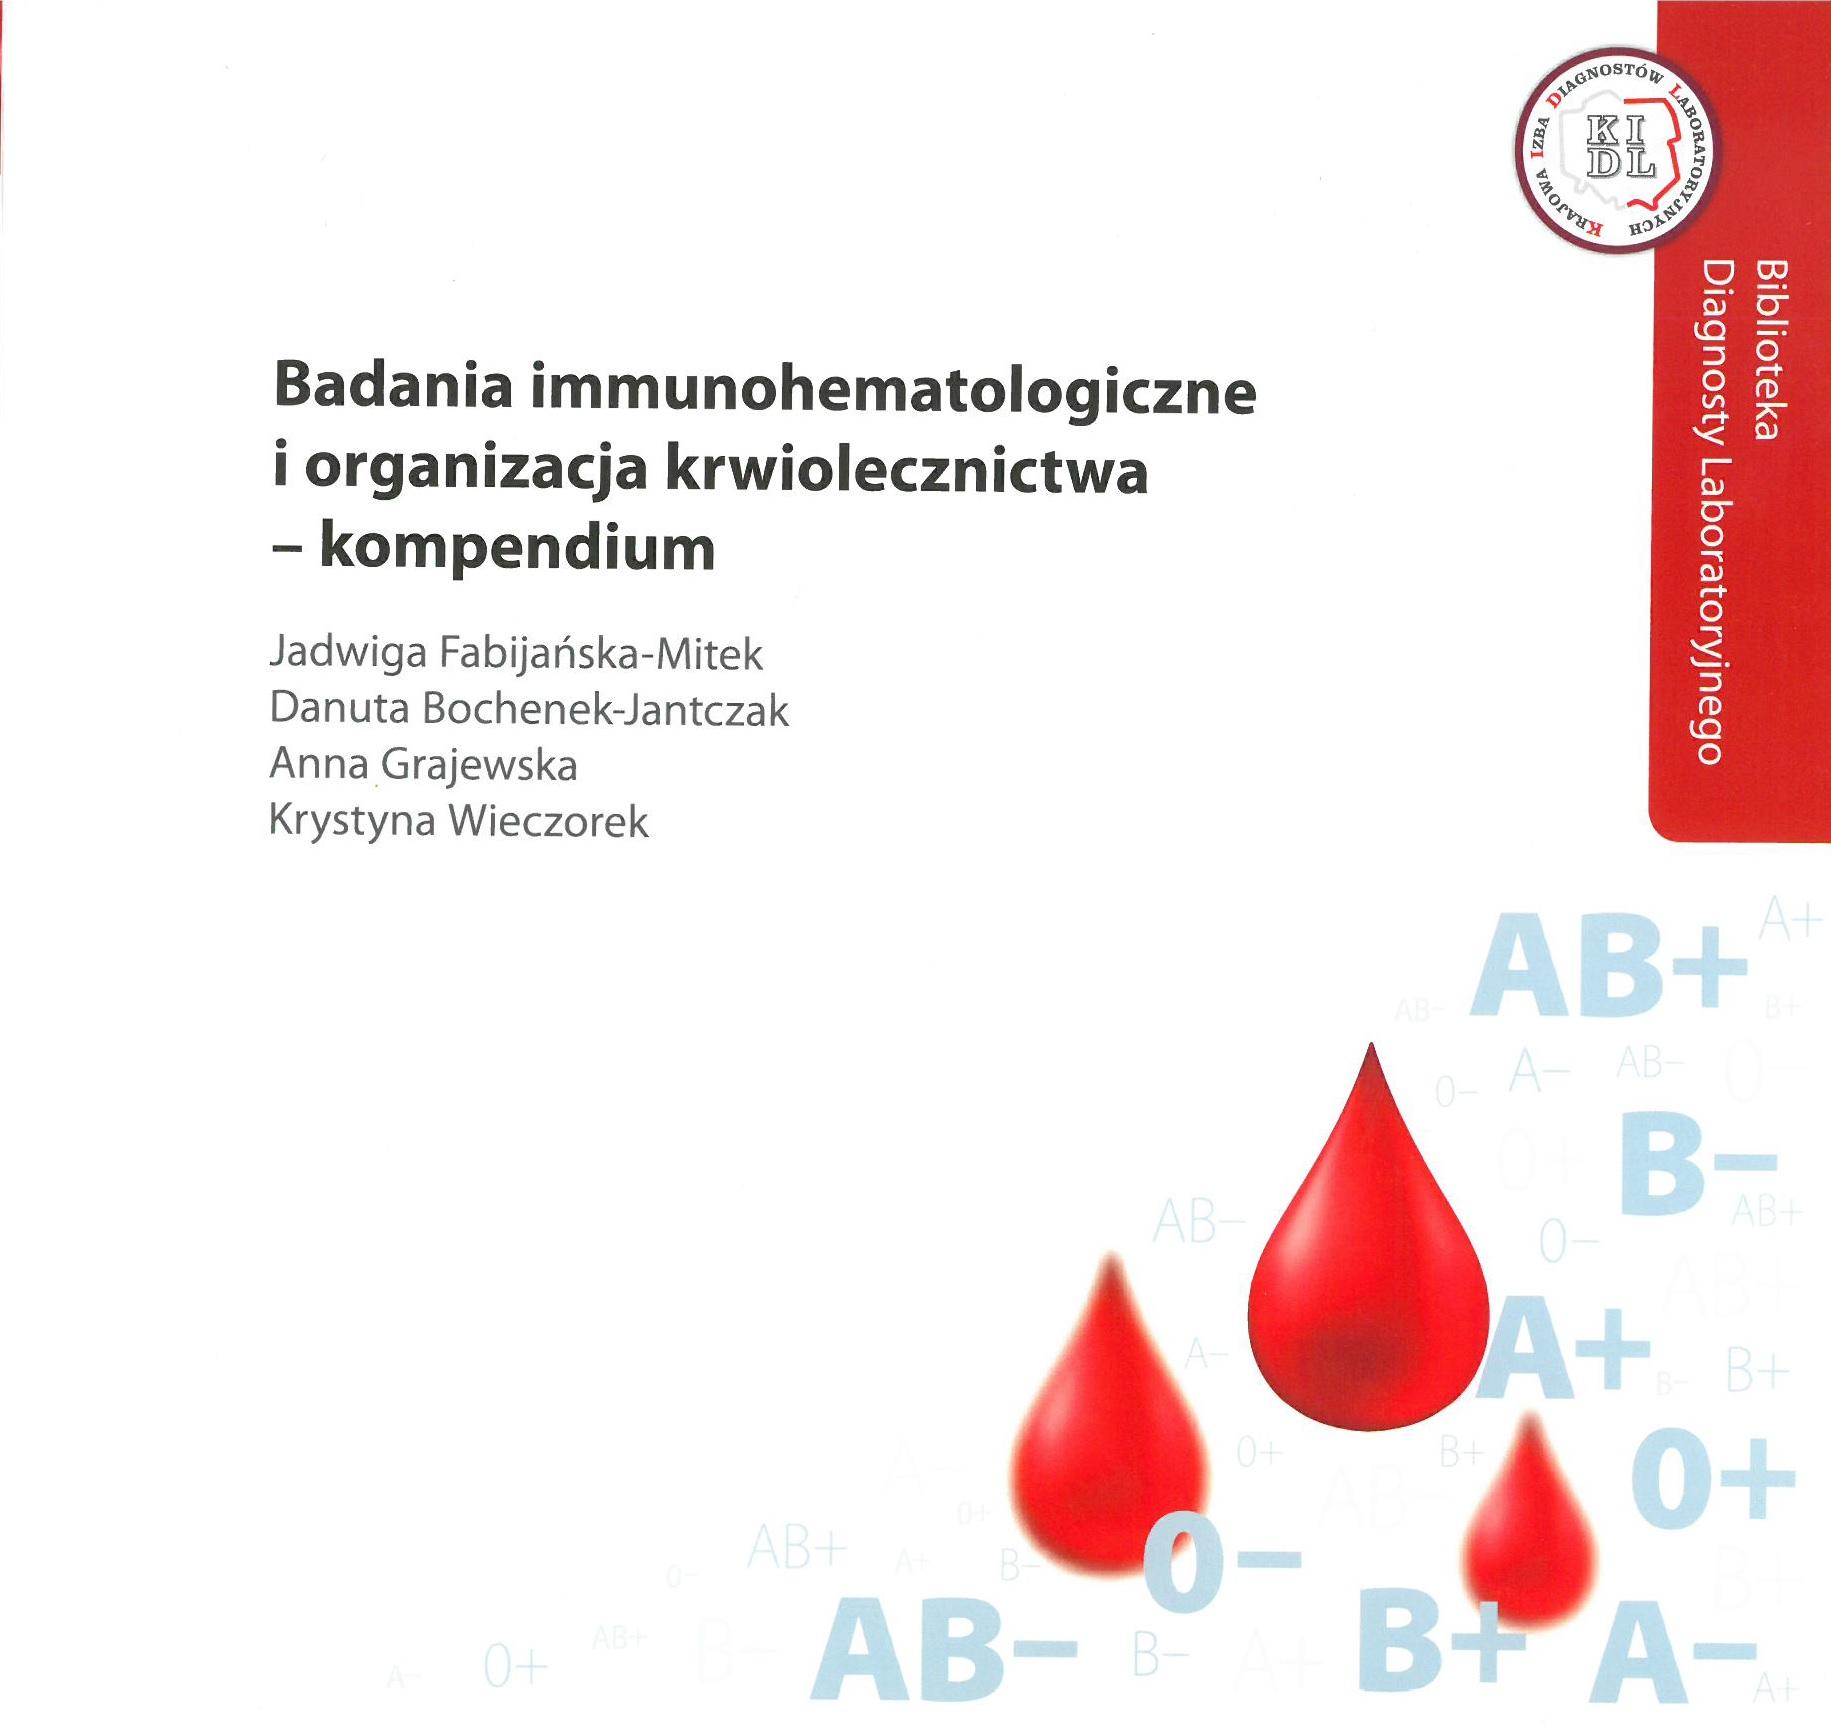 Badania immunohematologiczne i organizacja krwiolecznictwa